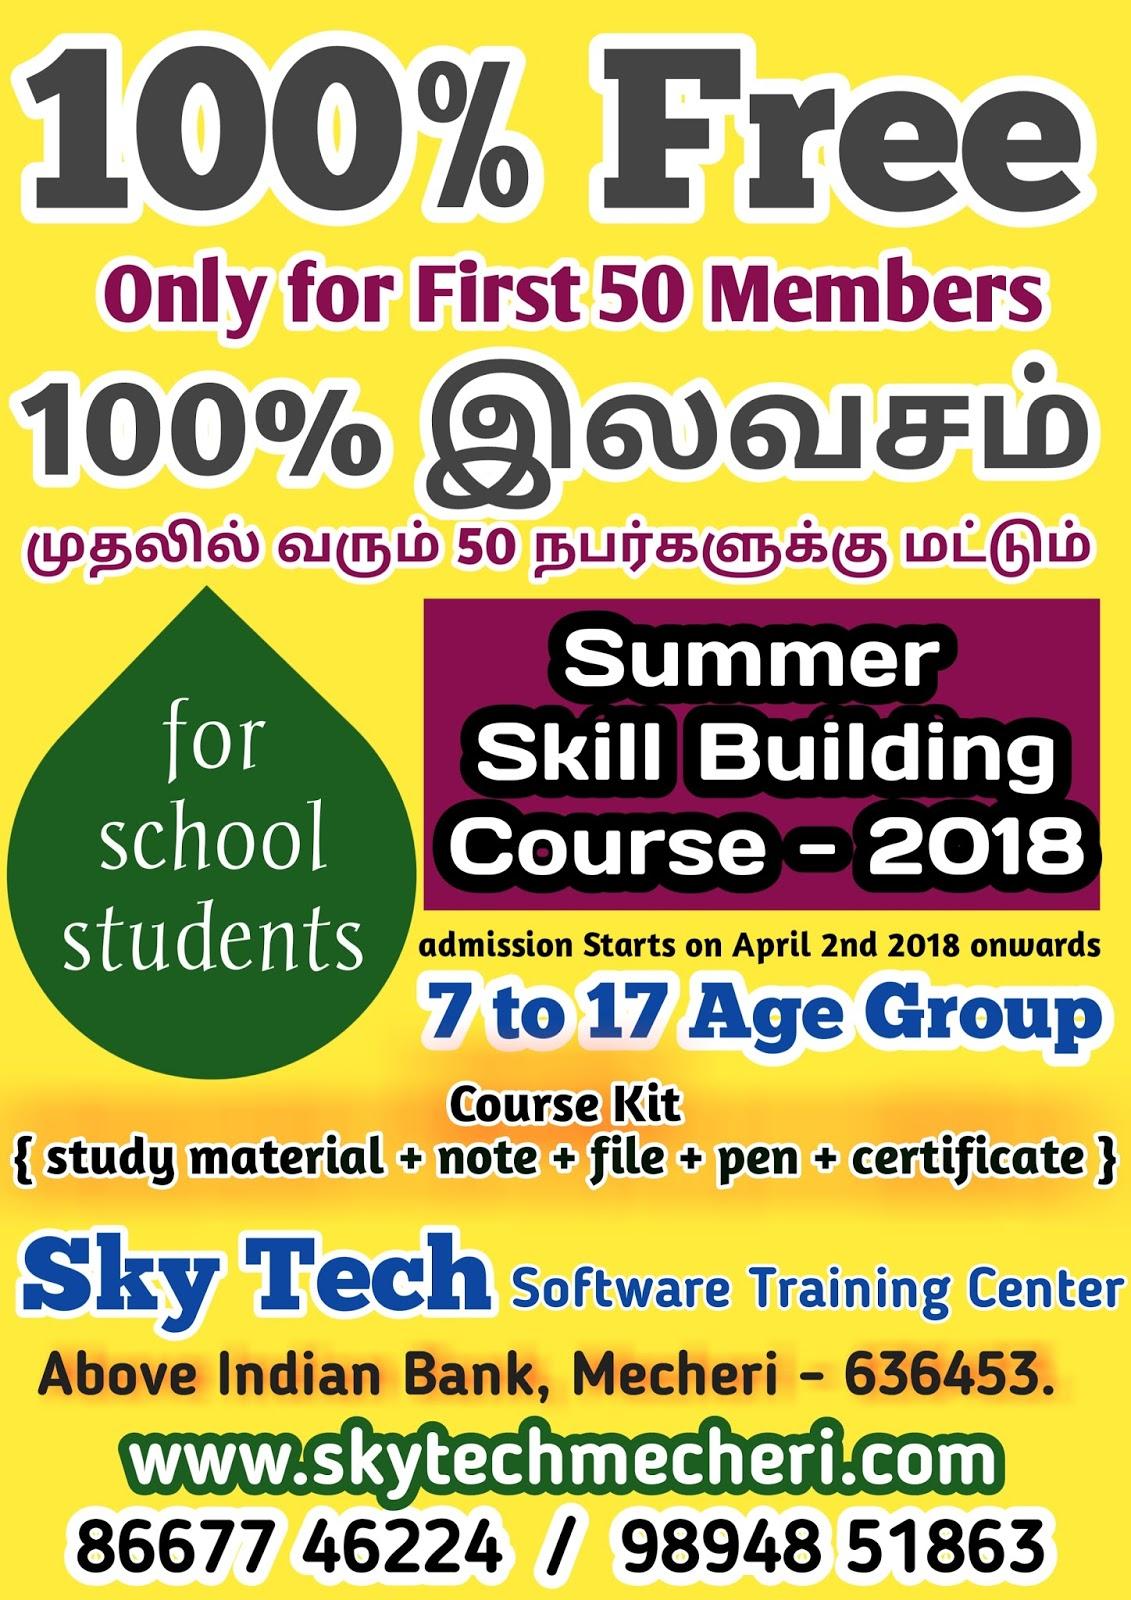 skytech summer course offer 2018